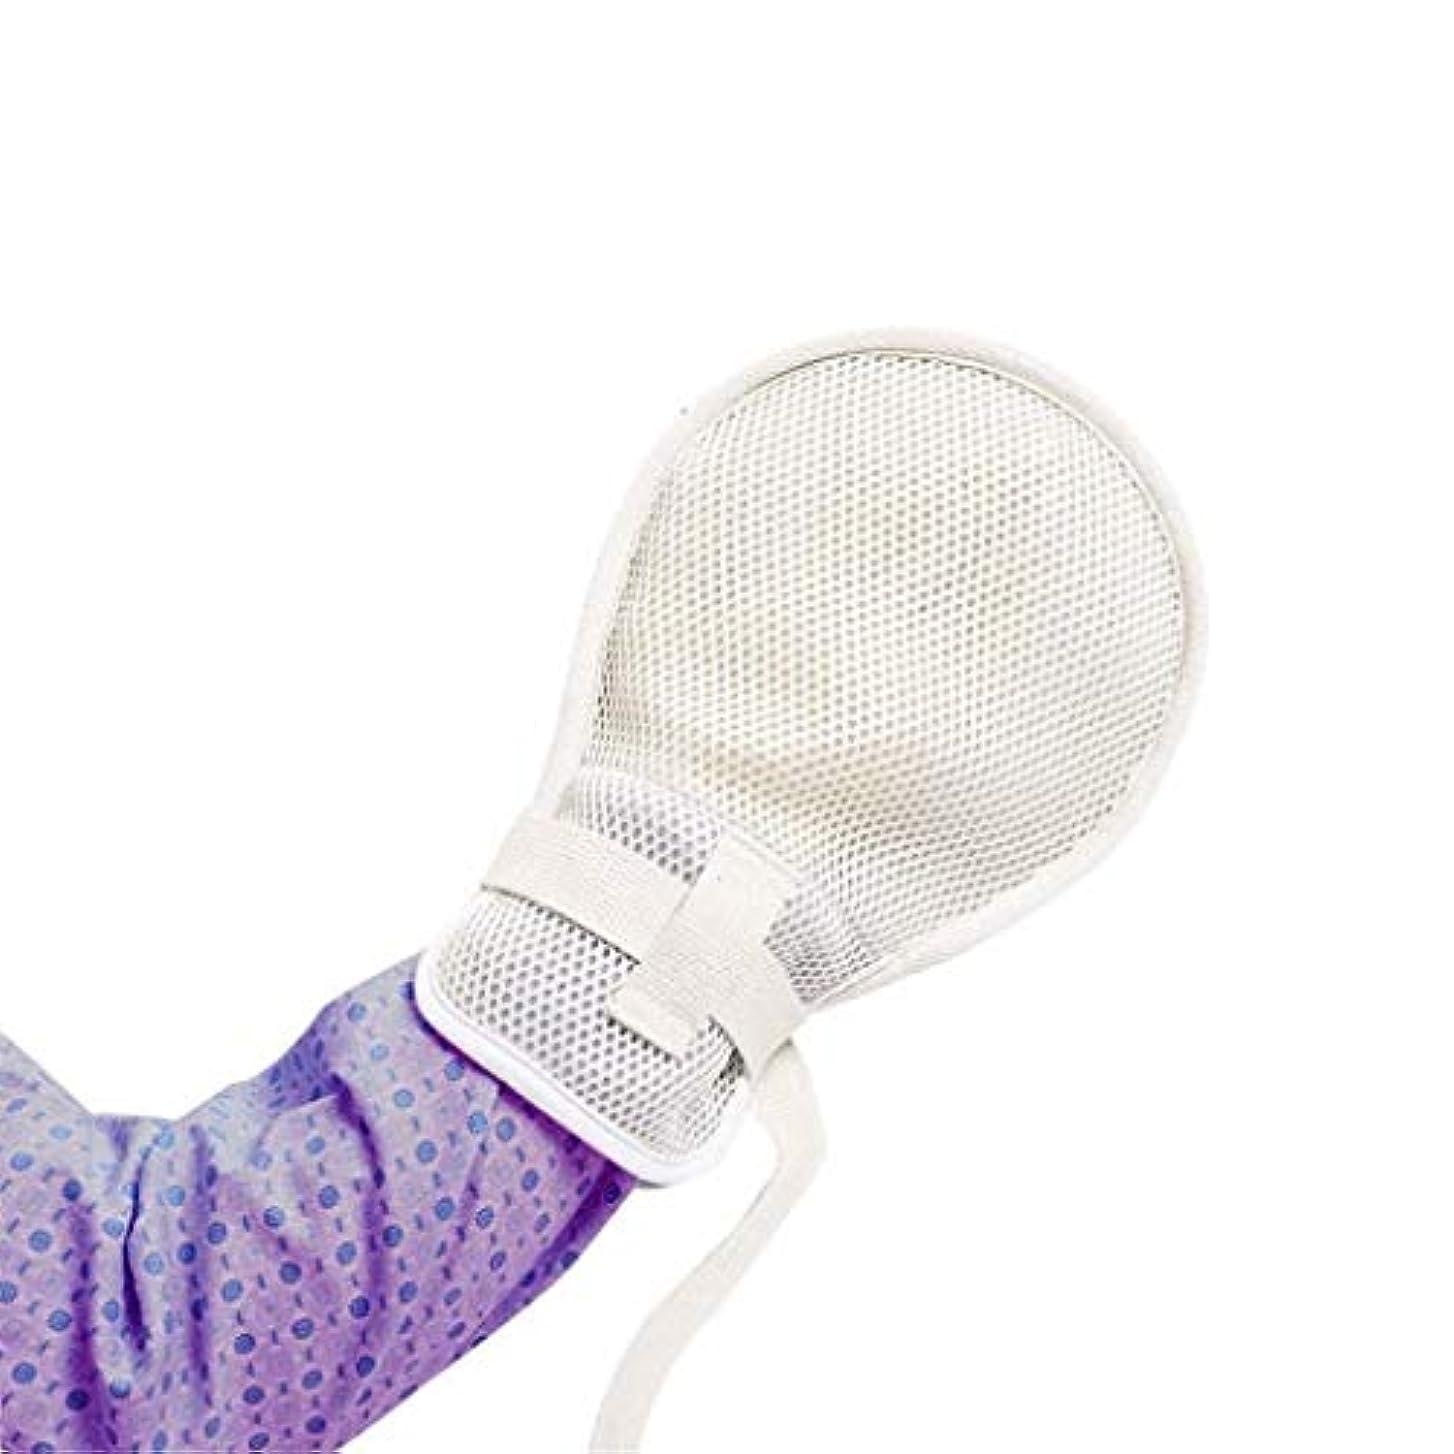 傷つける脚本家年金受給者認知症手袋安全手袋手指コントロールミット患者の手感染防止プロテクターパッド入りミット